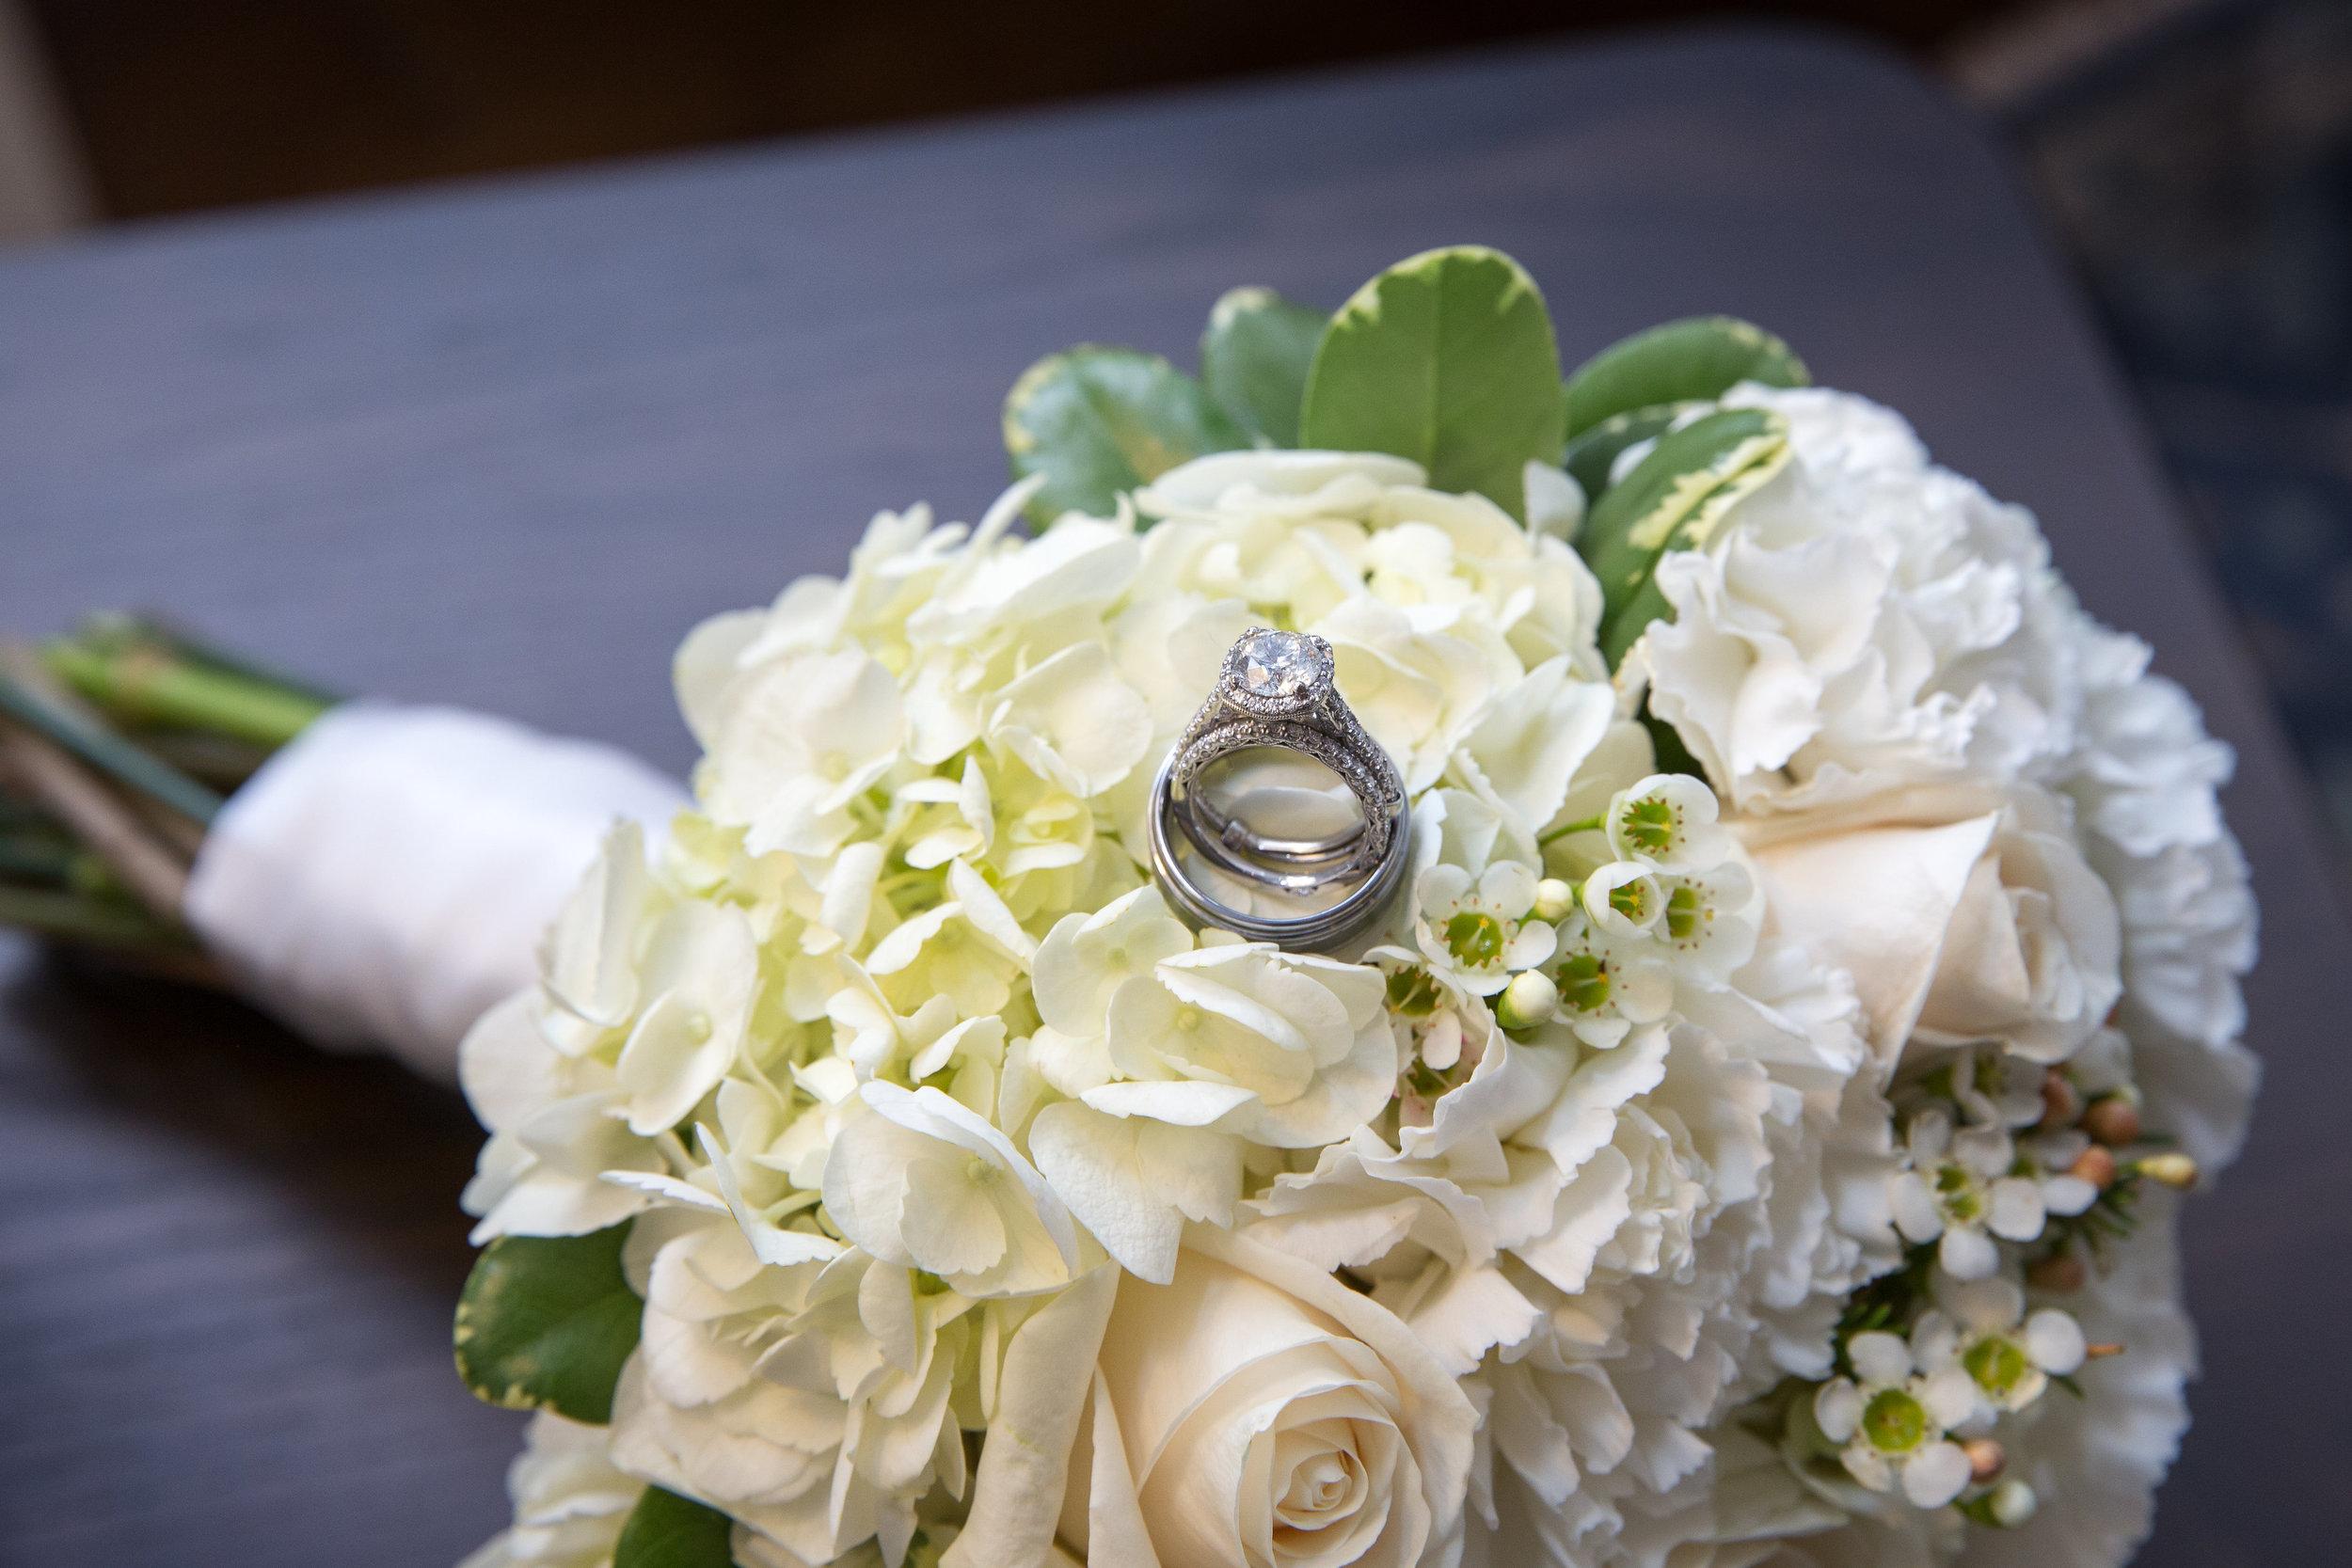 Denton Wedding Photography Service